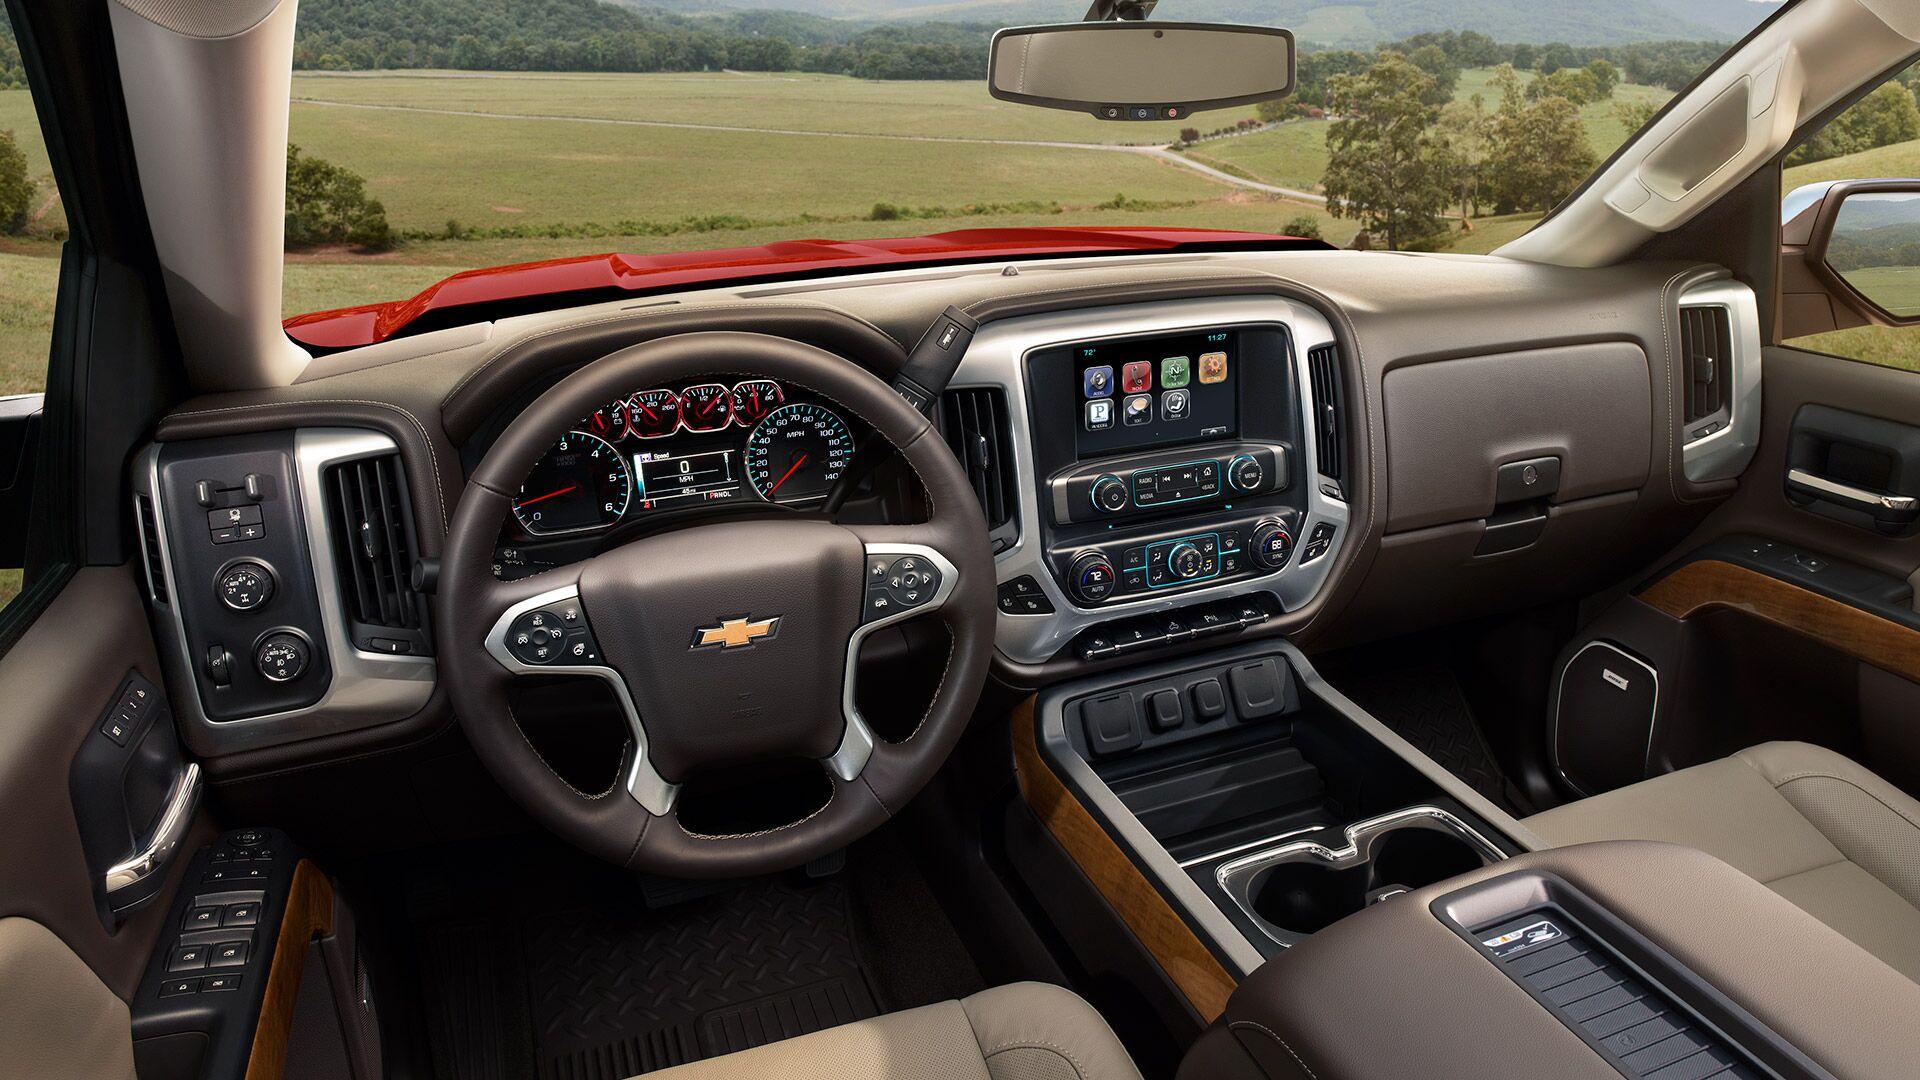 New 2018 Chevy Silverado 1500 Interior